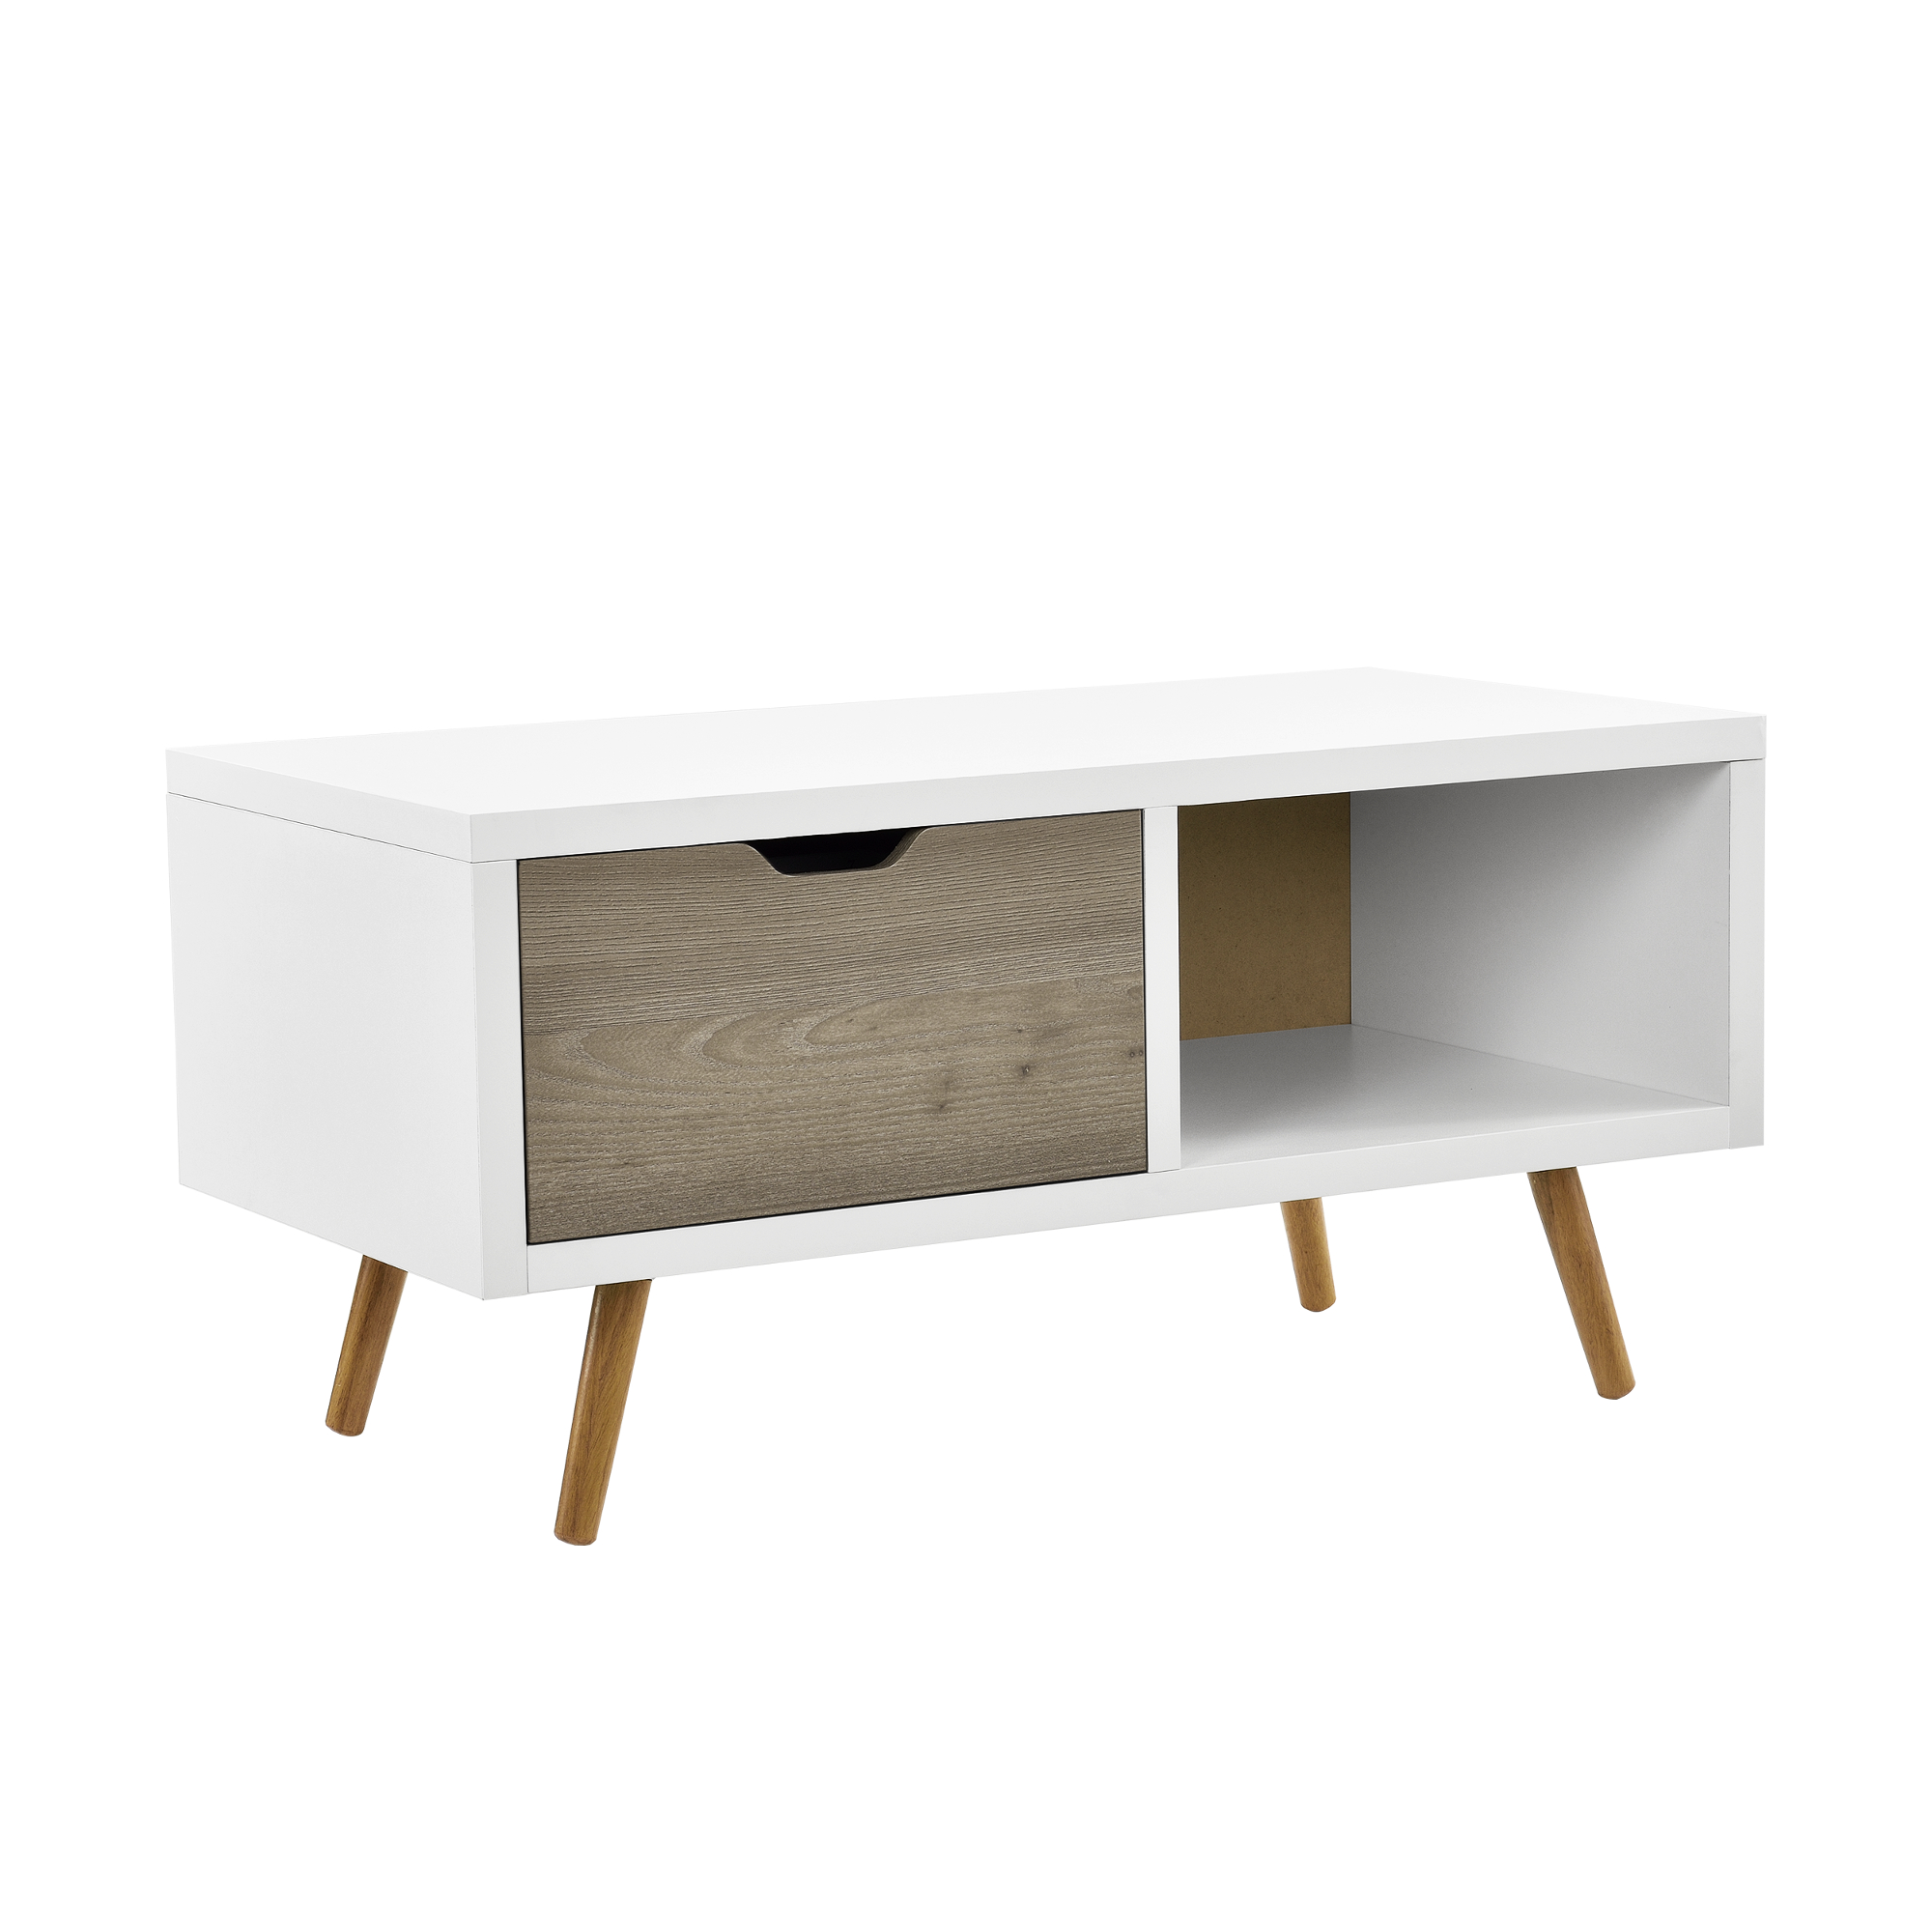 Design kommode sideboard schrank beistelltisch for Design tisch ebay